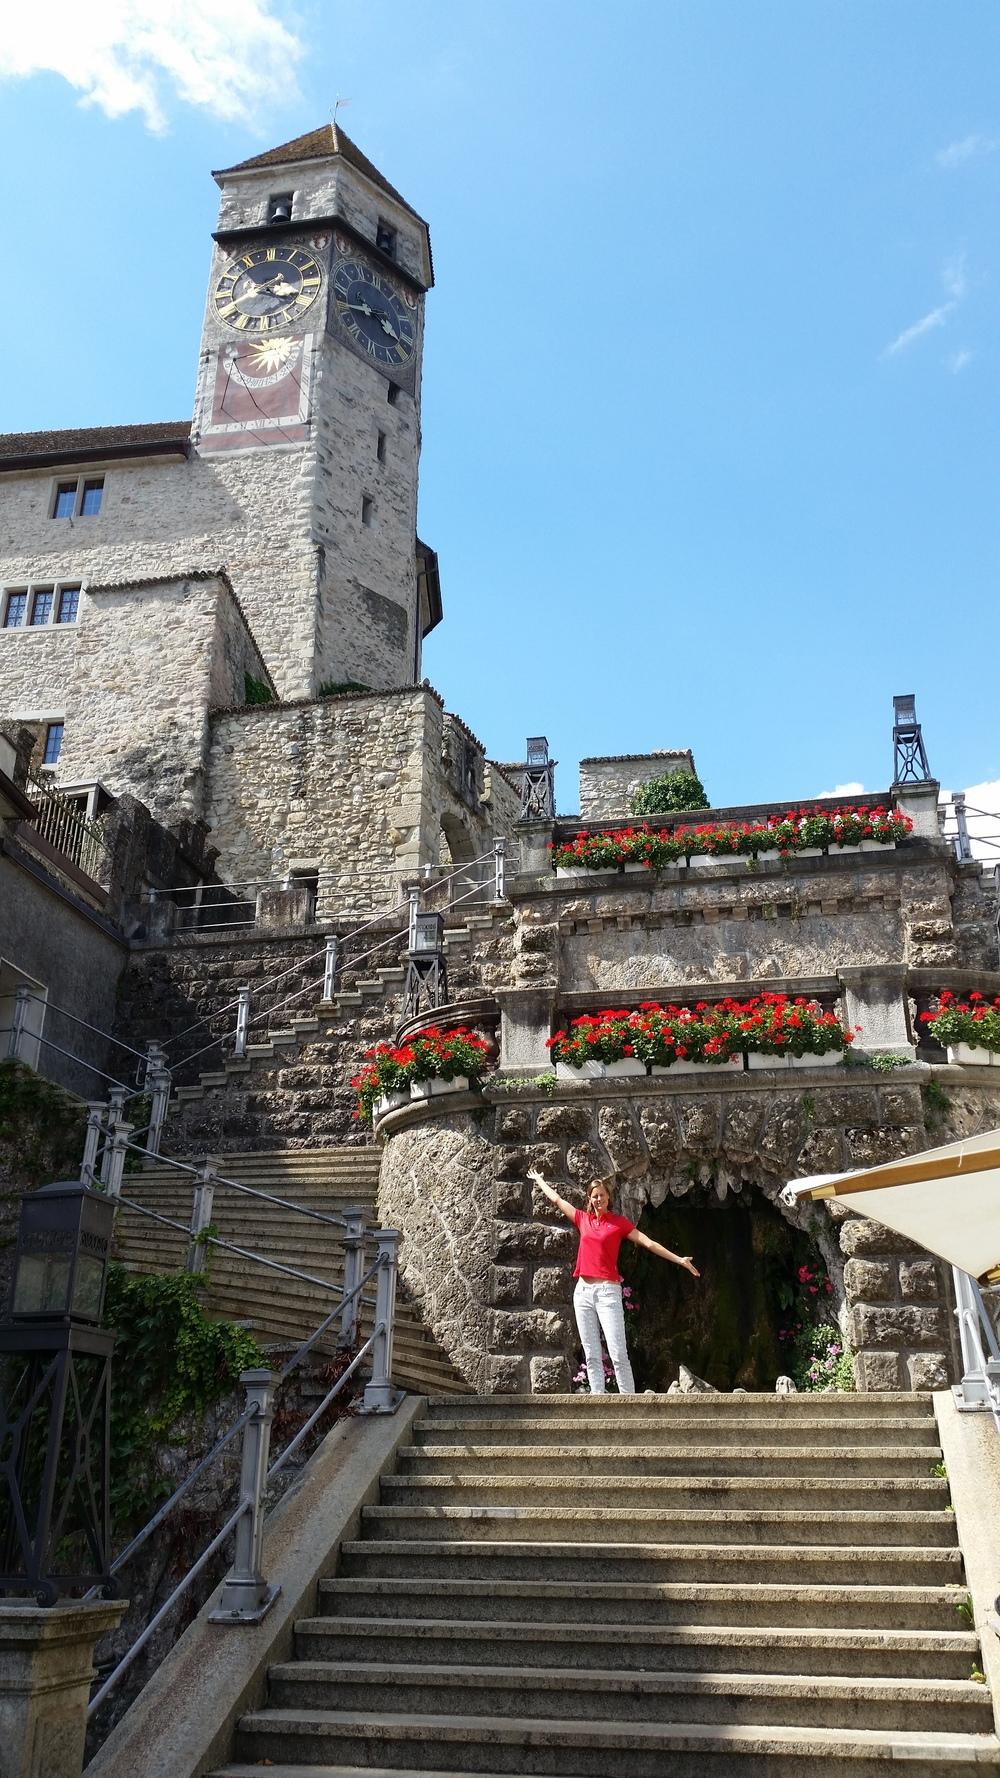 Maxine in Zwitserland 3 - Getoutoftown.jpg